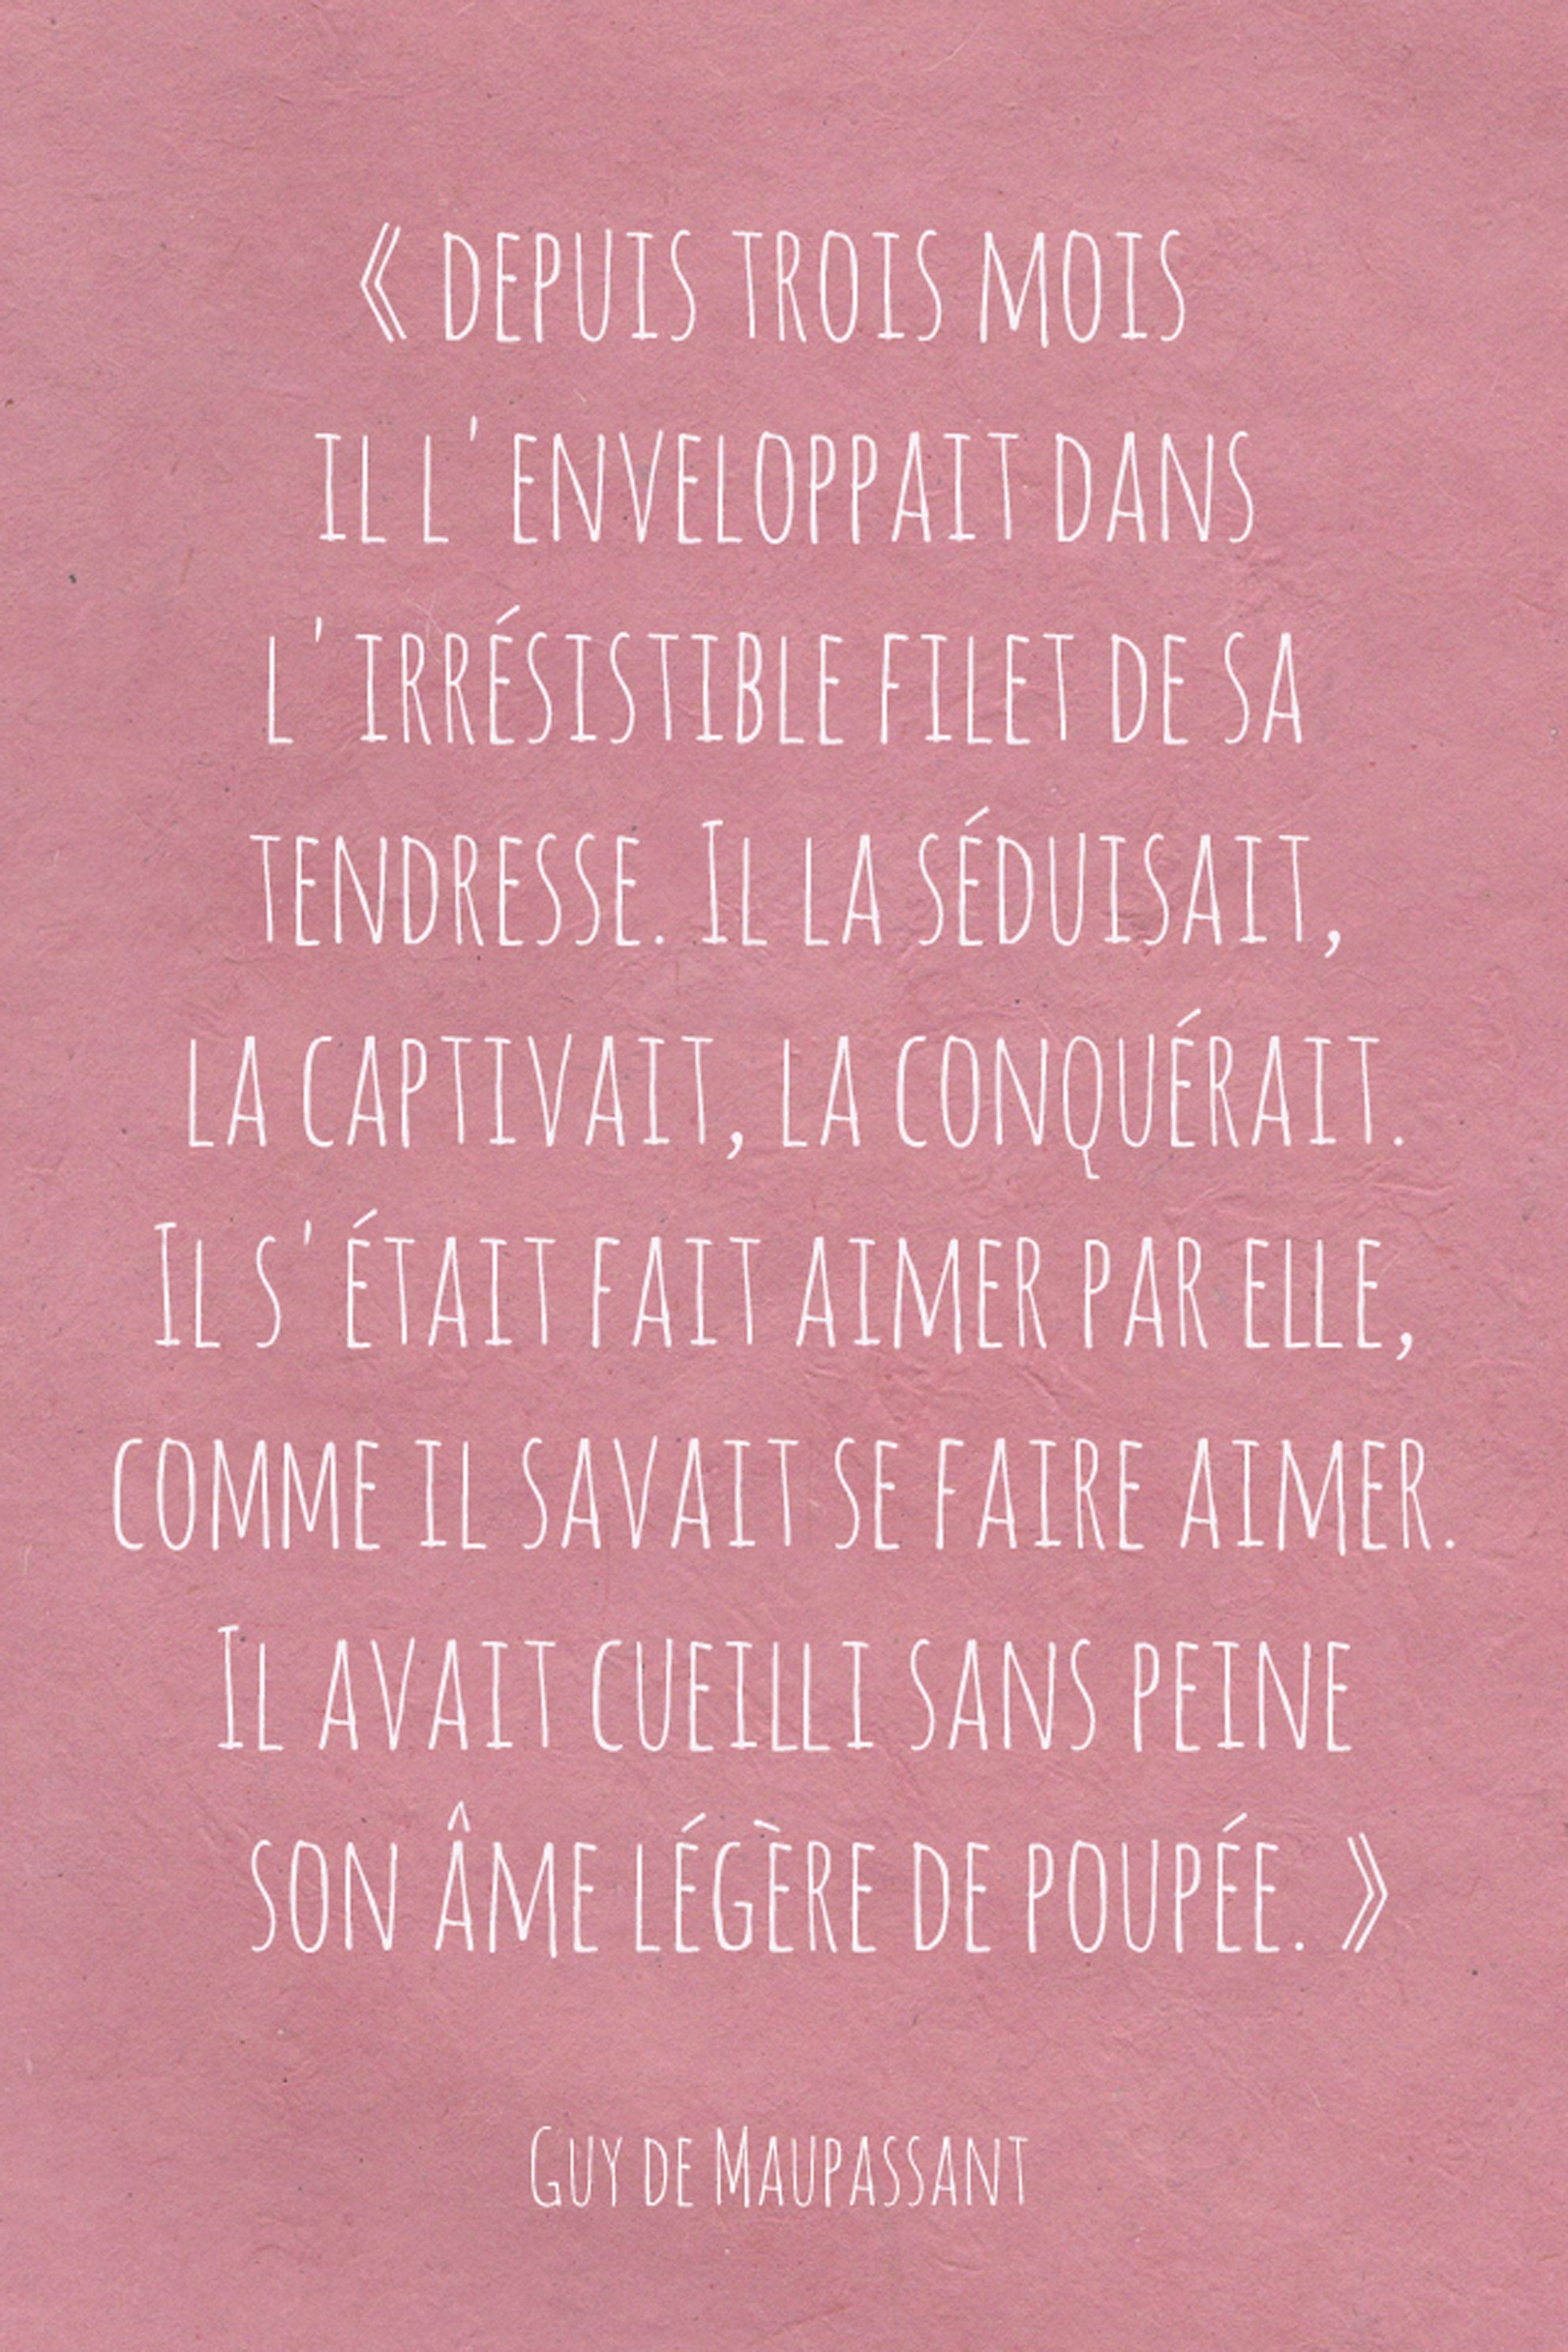 Maupassant Citations Sur Les Mots Poeme Et Citation Et